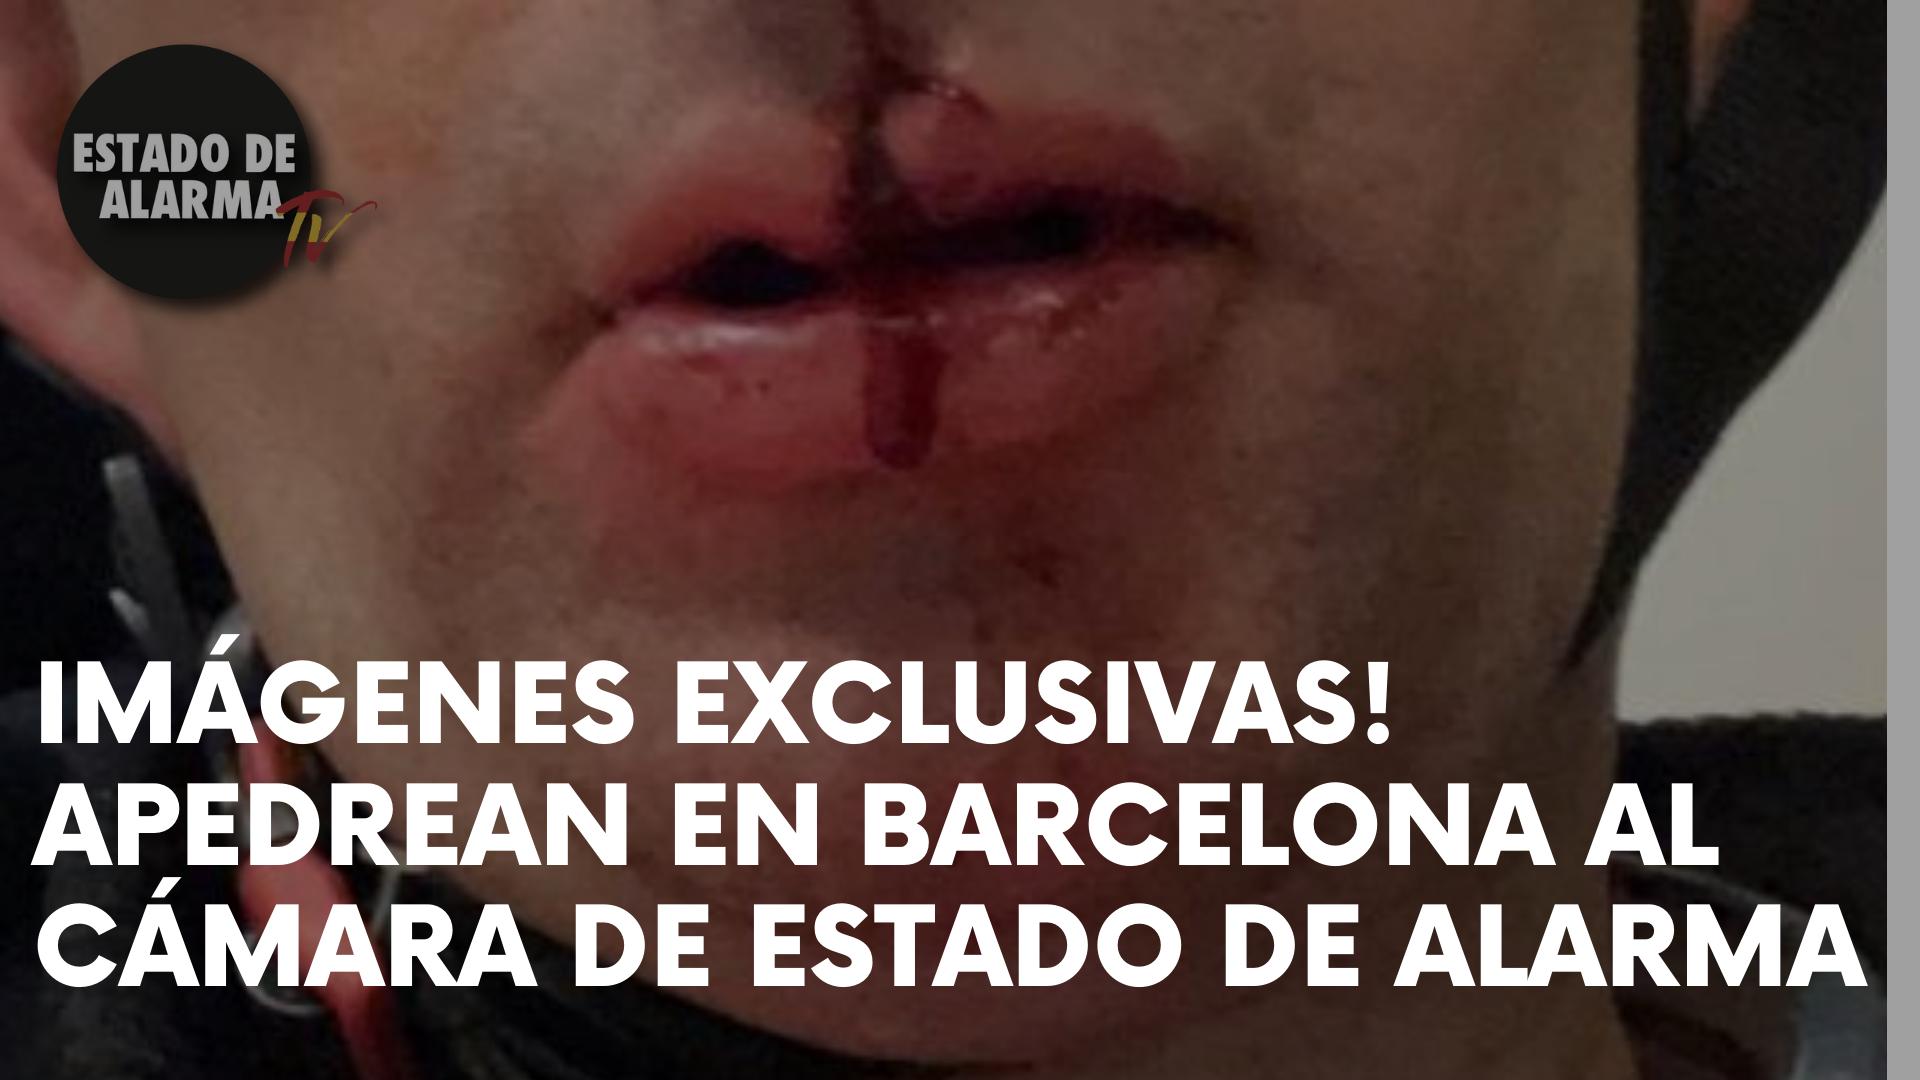 ¡IMÁGENES EXCLUSIVAS! APEDREAN EN BARCELONA AL CÁMARA DE ESTADO DE ALARMA